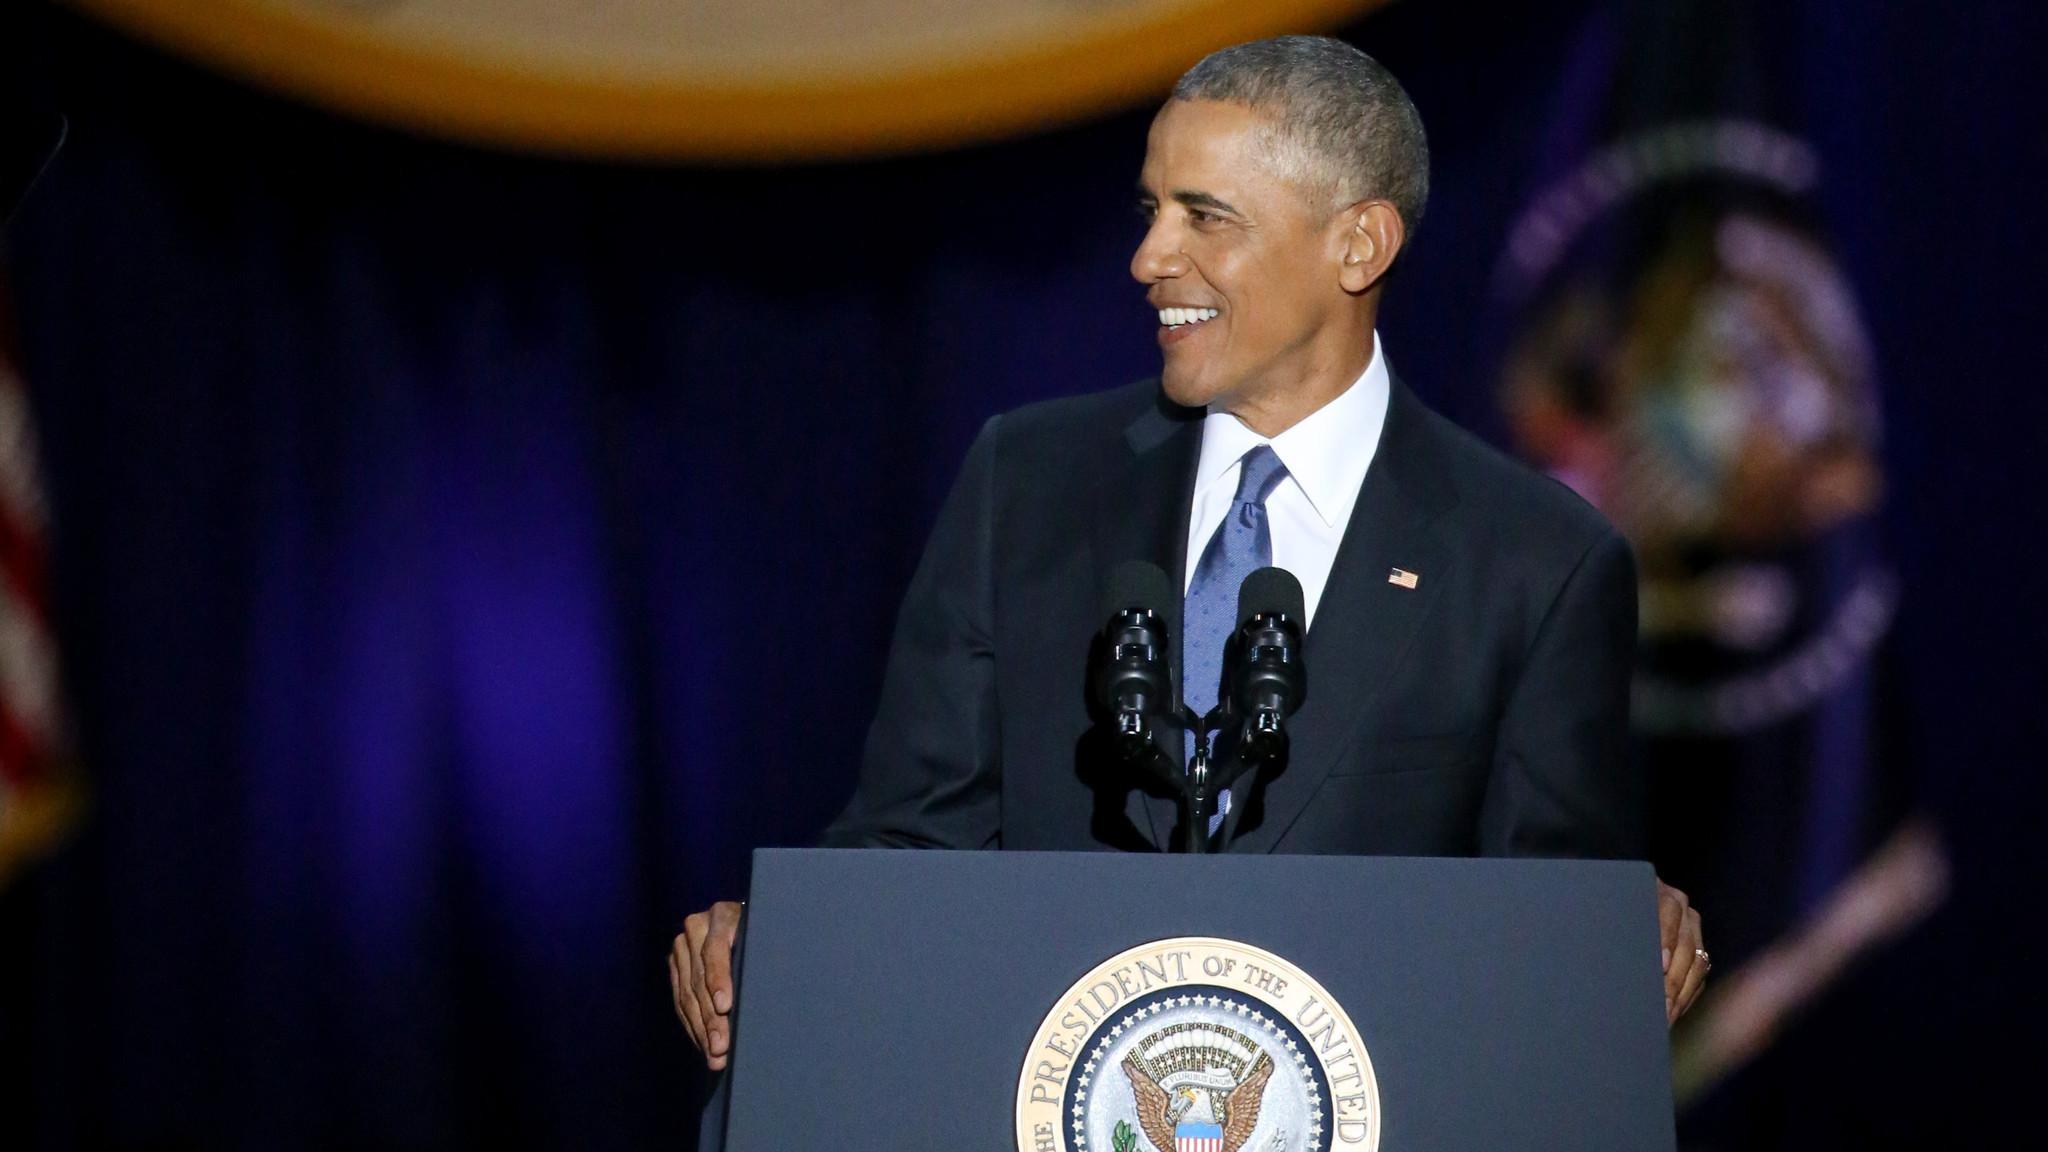 ct-transcript-of-president-barack-obama-farewell-speech-20170110 (2048×1152)